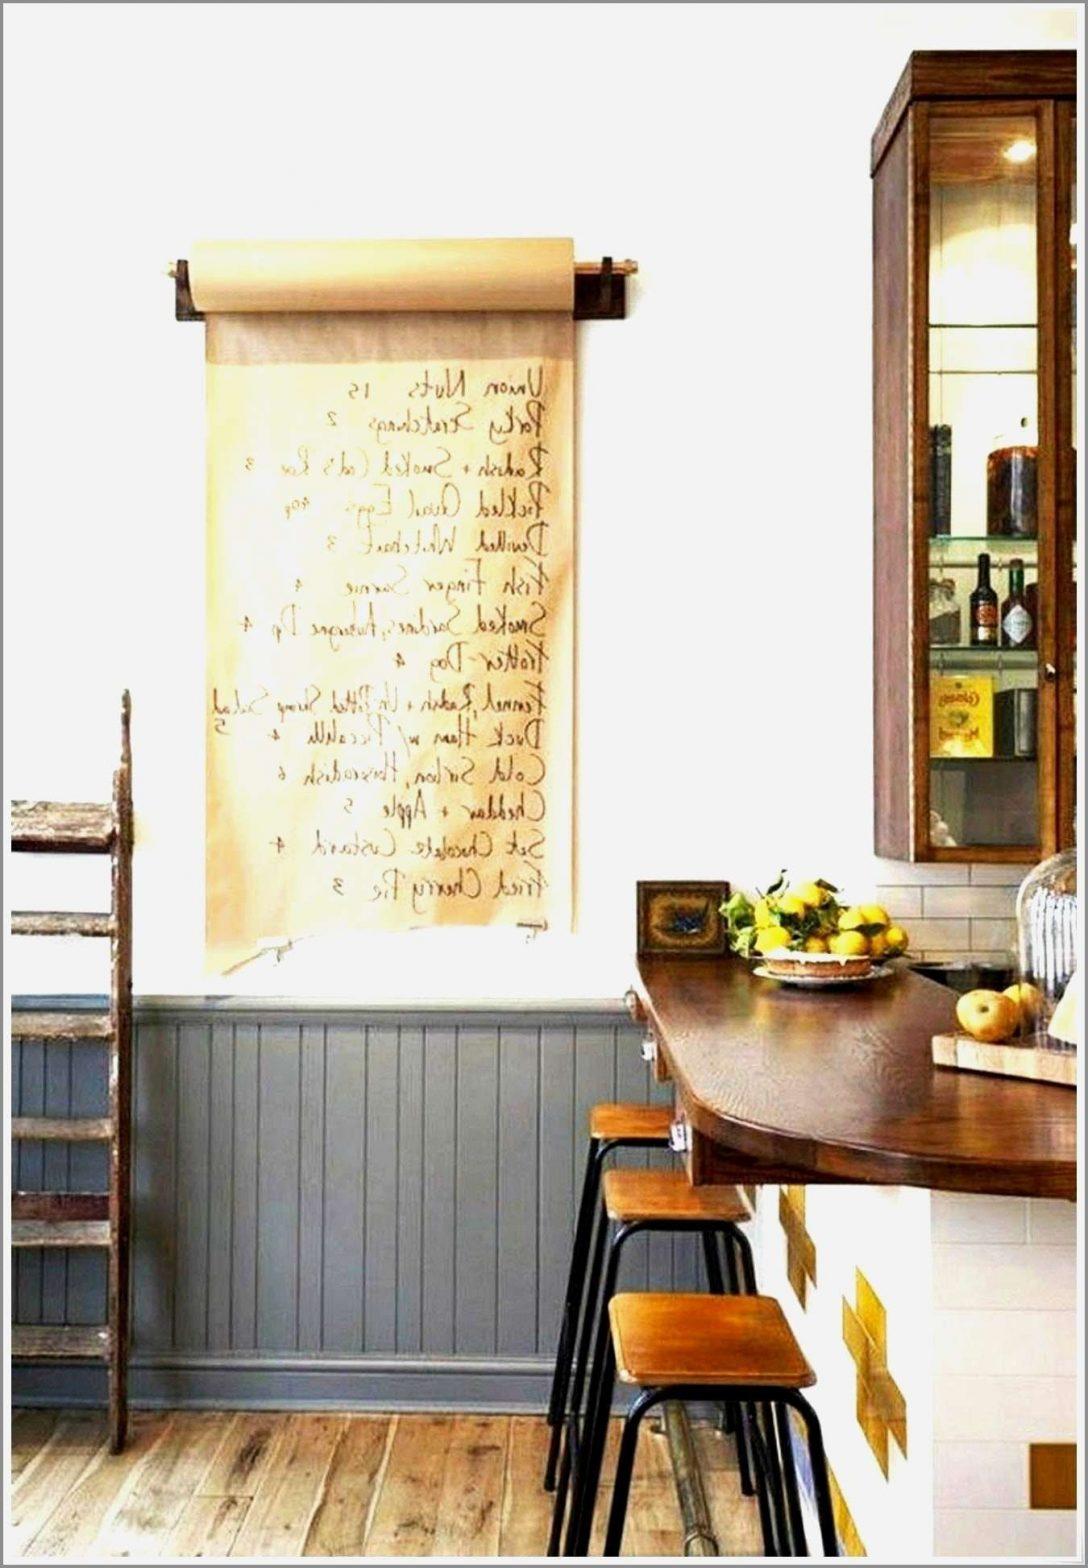 Large Size of 22 Einzigartig Kche U Form Ikea System Kitchen Hotel Bad Sulza Fenster Austauschen Kosten Gebrauchte Küche Kaufen Garten Sauna Einbruchschutz Folie Holzbrett Wohnzimmer Küche U Form Ikea